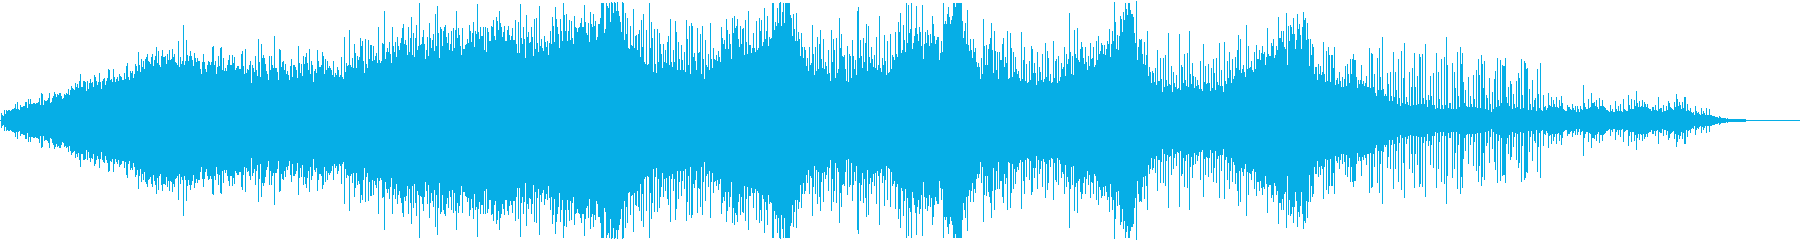 ガムラン系ヒーリング系BGMですの再生済みの波形